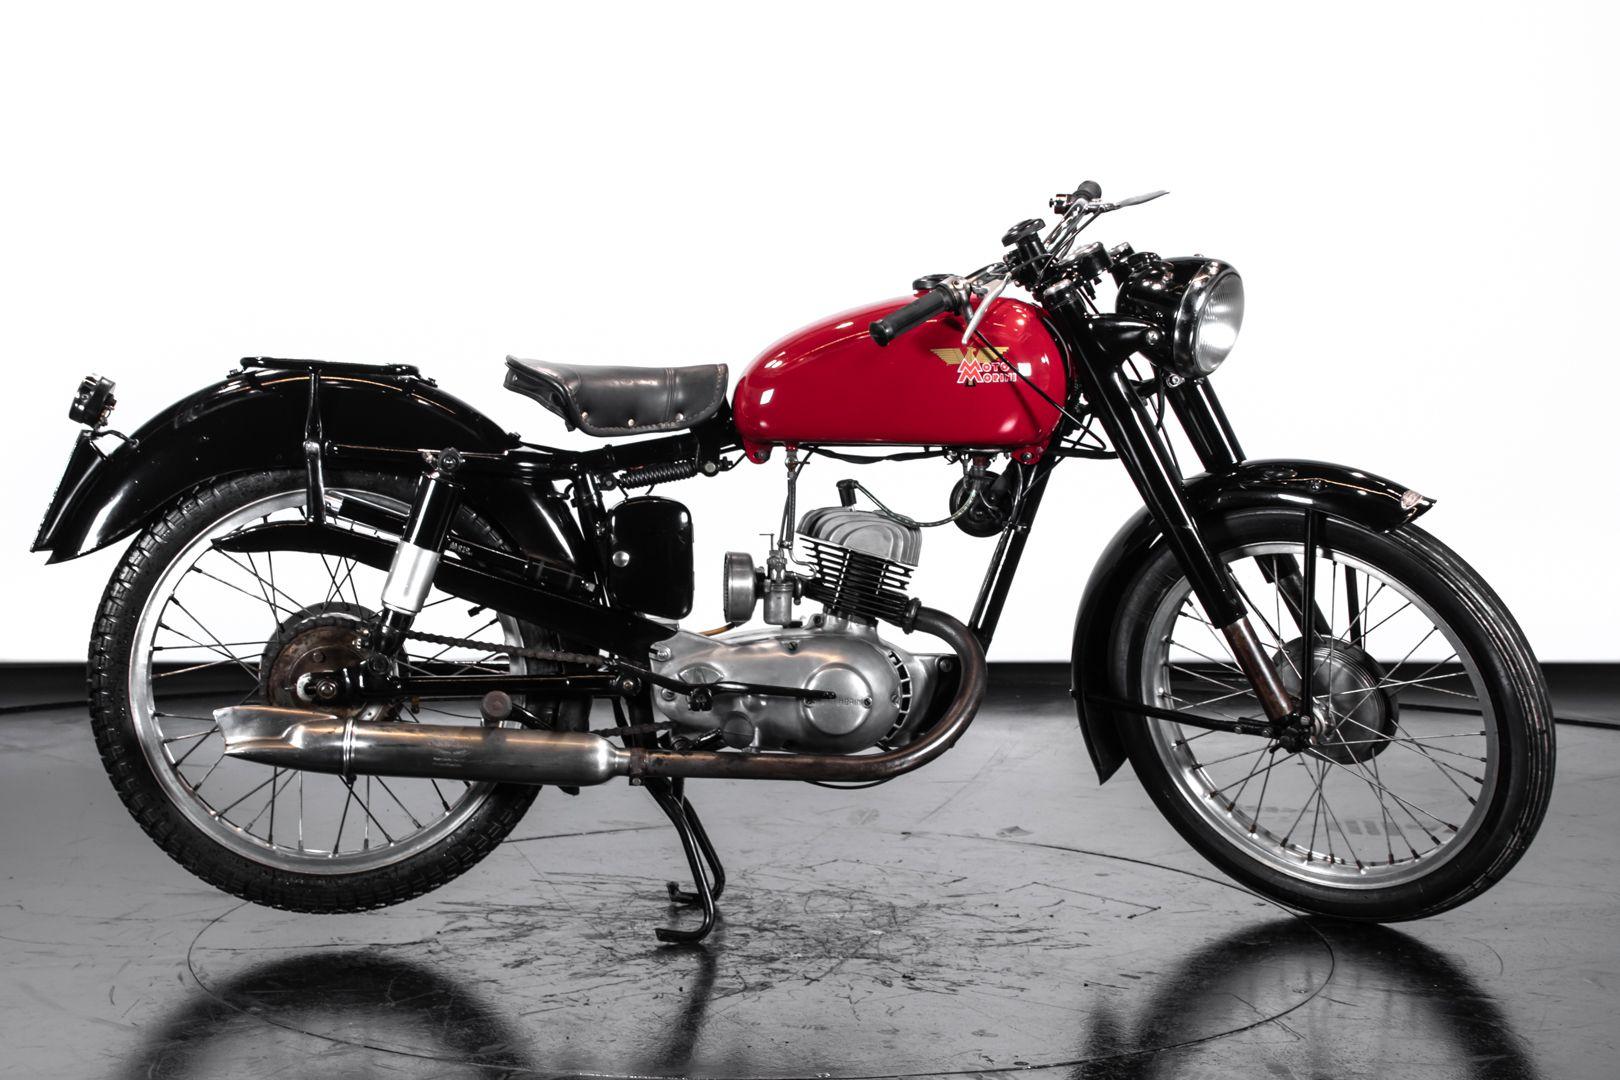 1961 Moto Morini Motore Corto 2T 125 78300